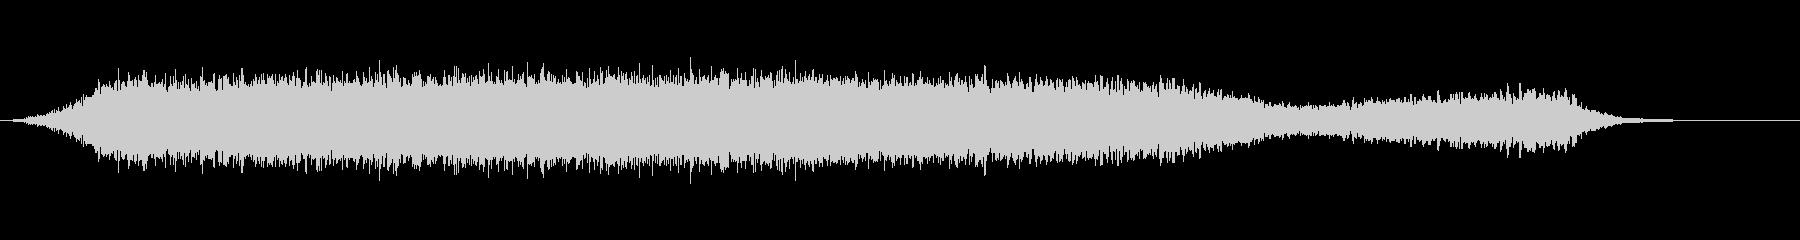 グリッティライザー、バズの未再生の波形